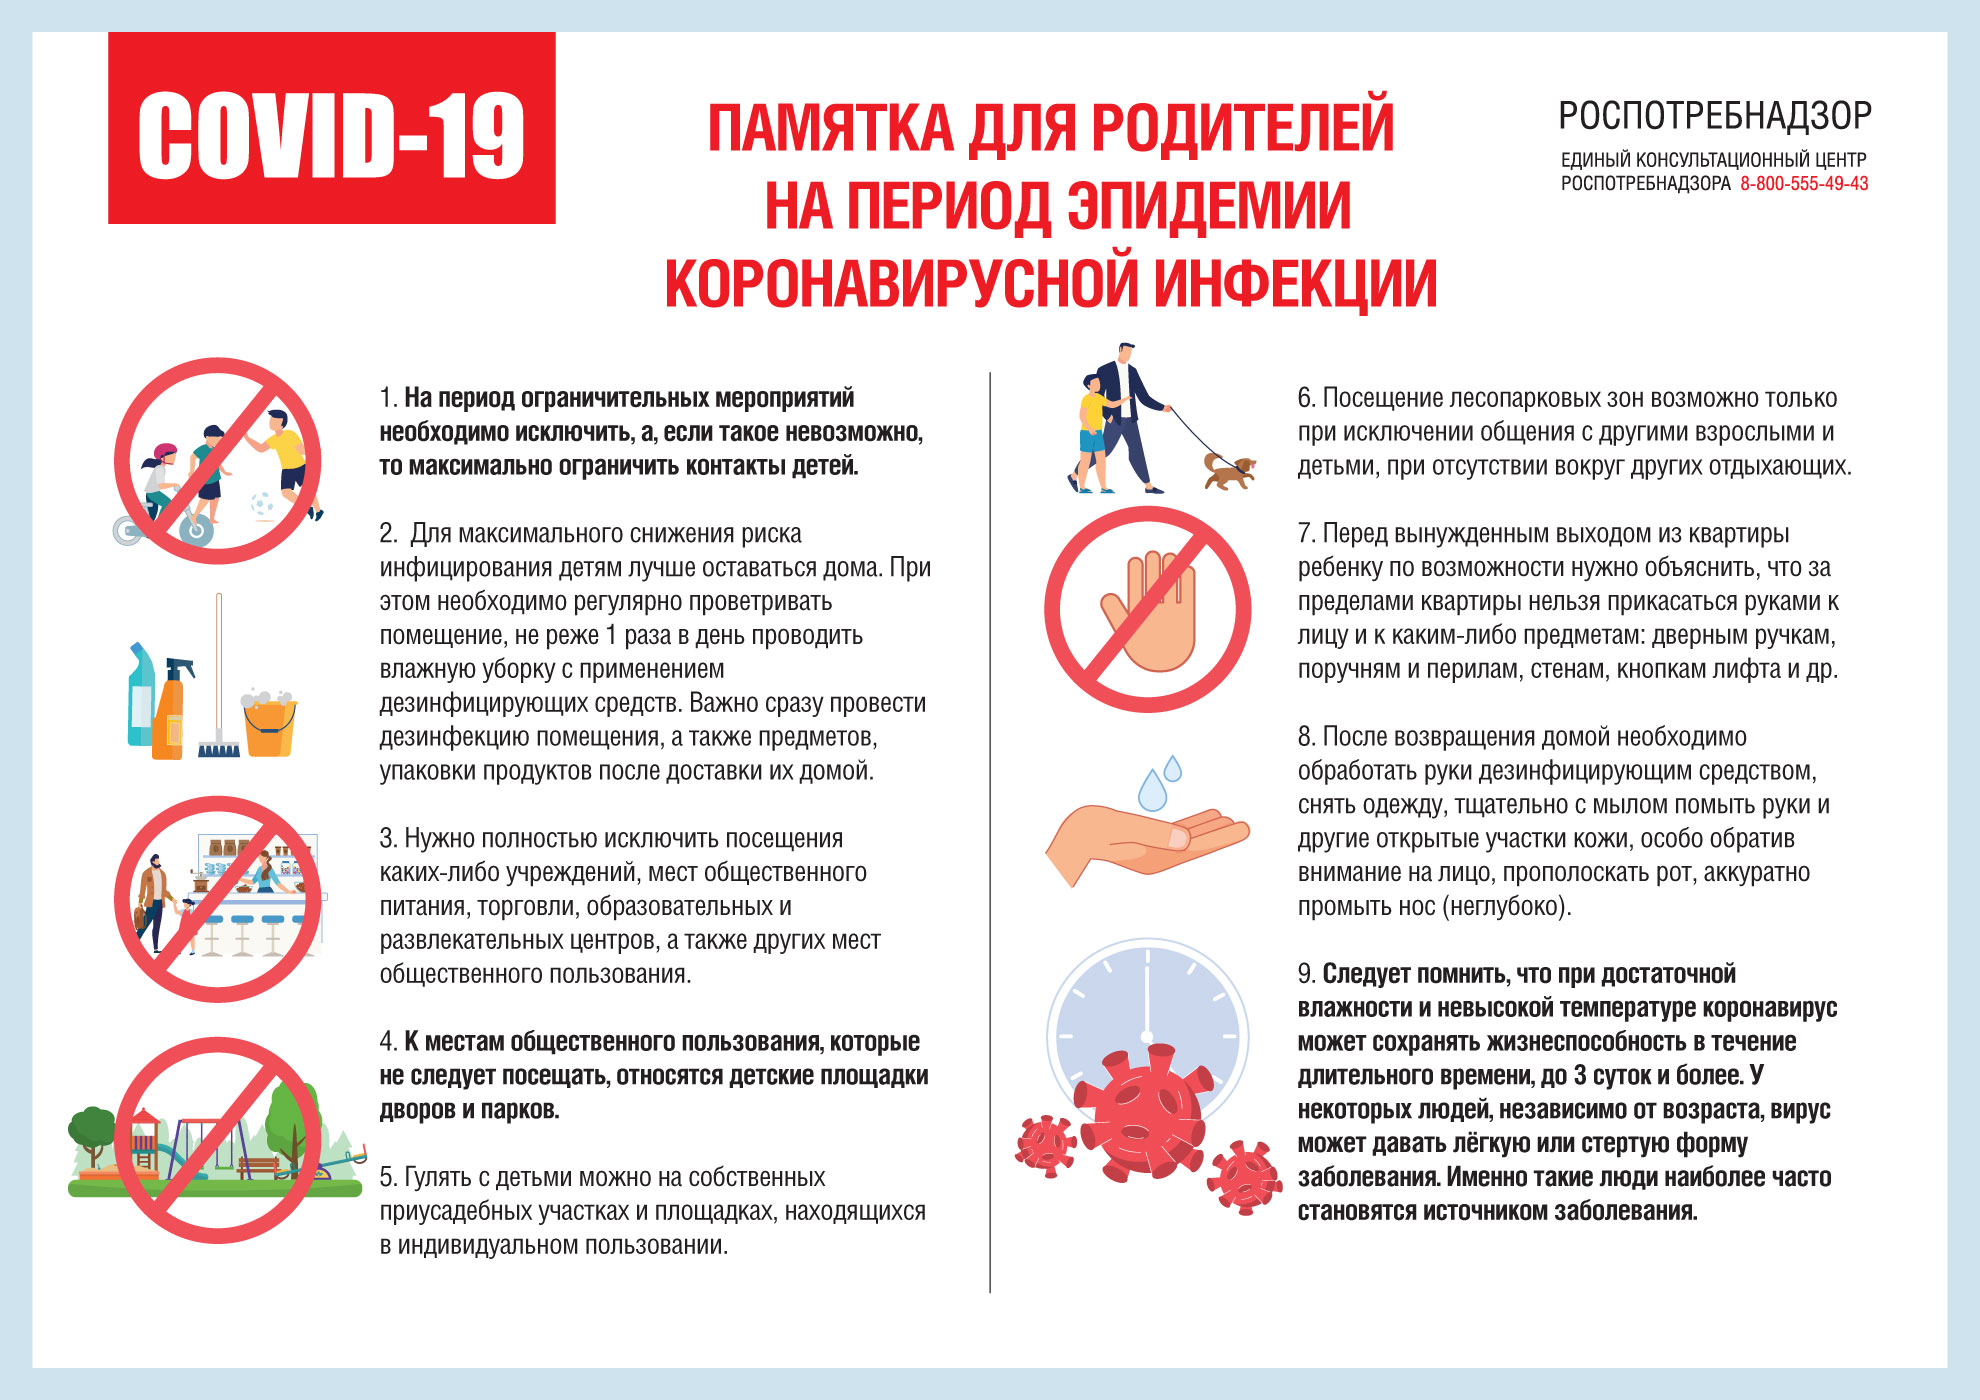 О рекомендациях родителям на период эпидемии коронавирусной инфекции